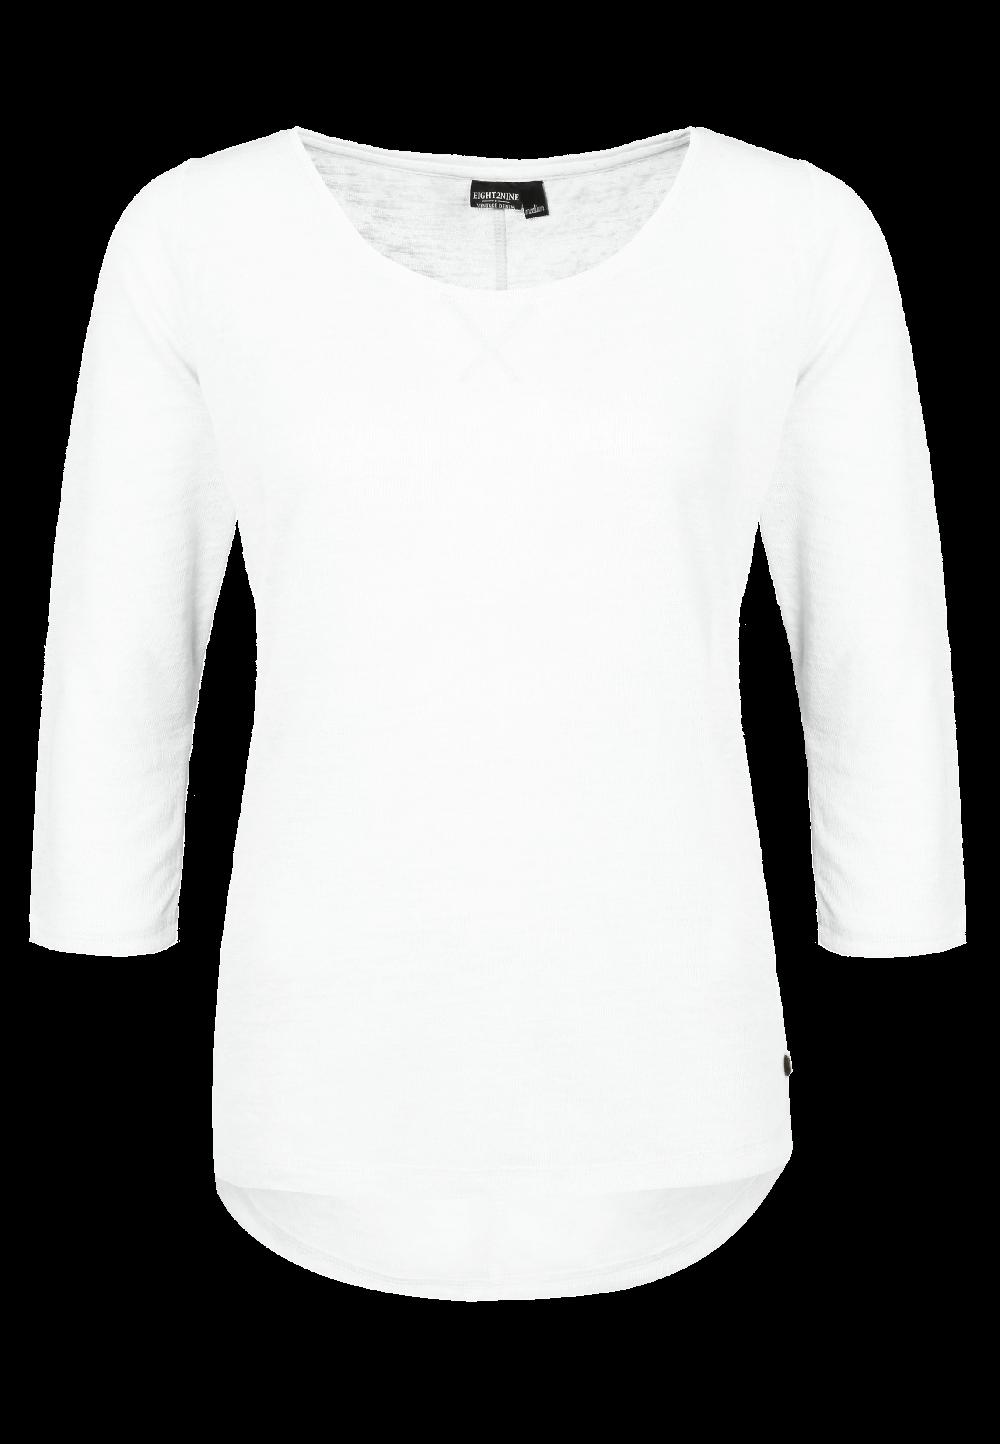 Spielerfrauen Shirt